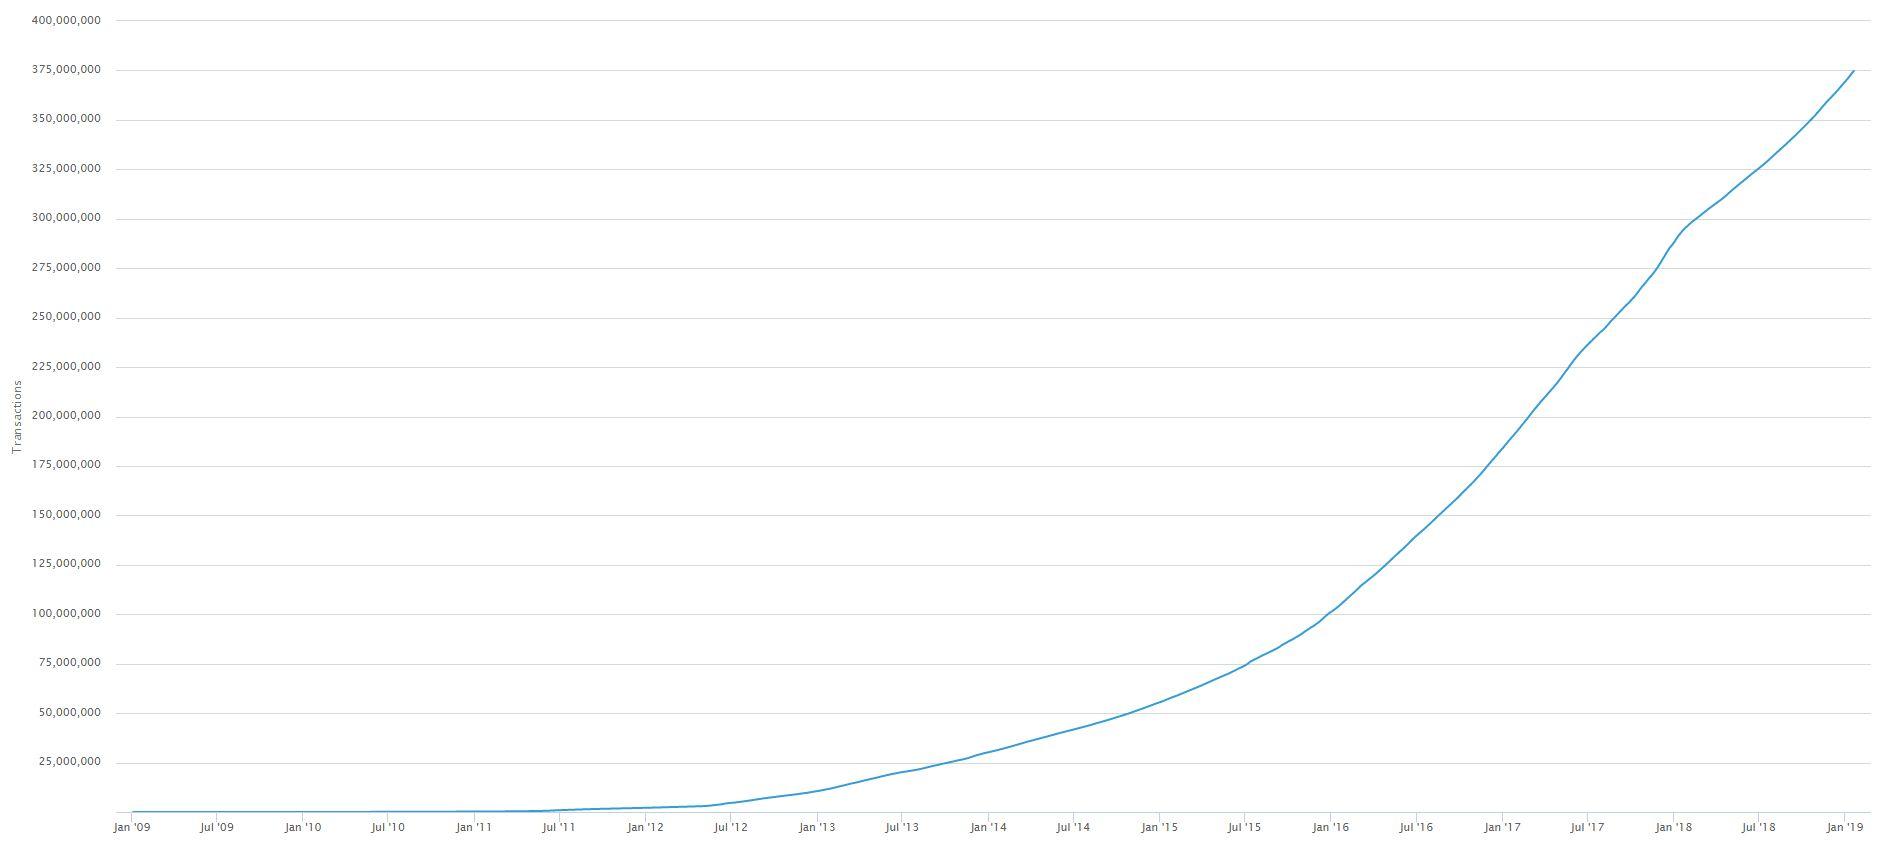 Количество транзакций в биткоине